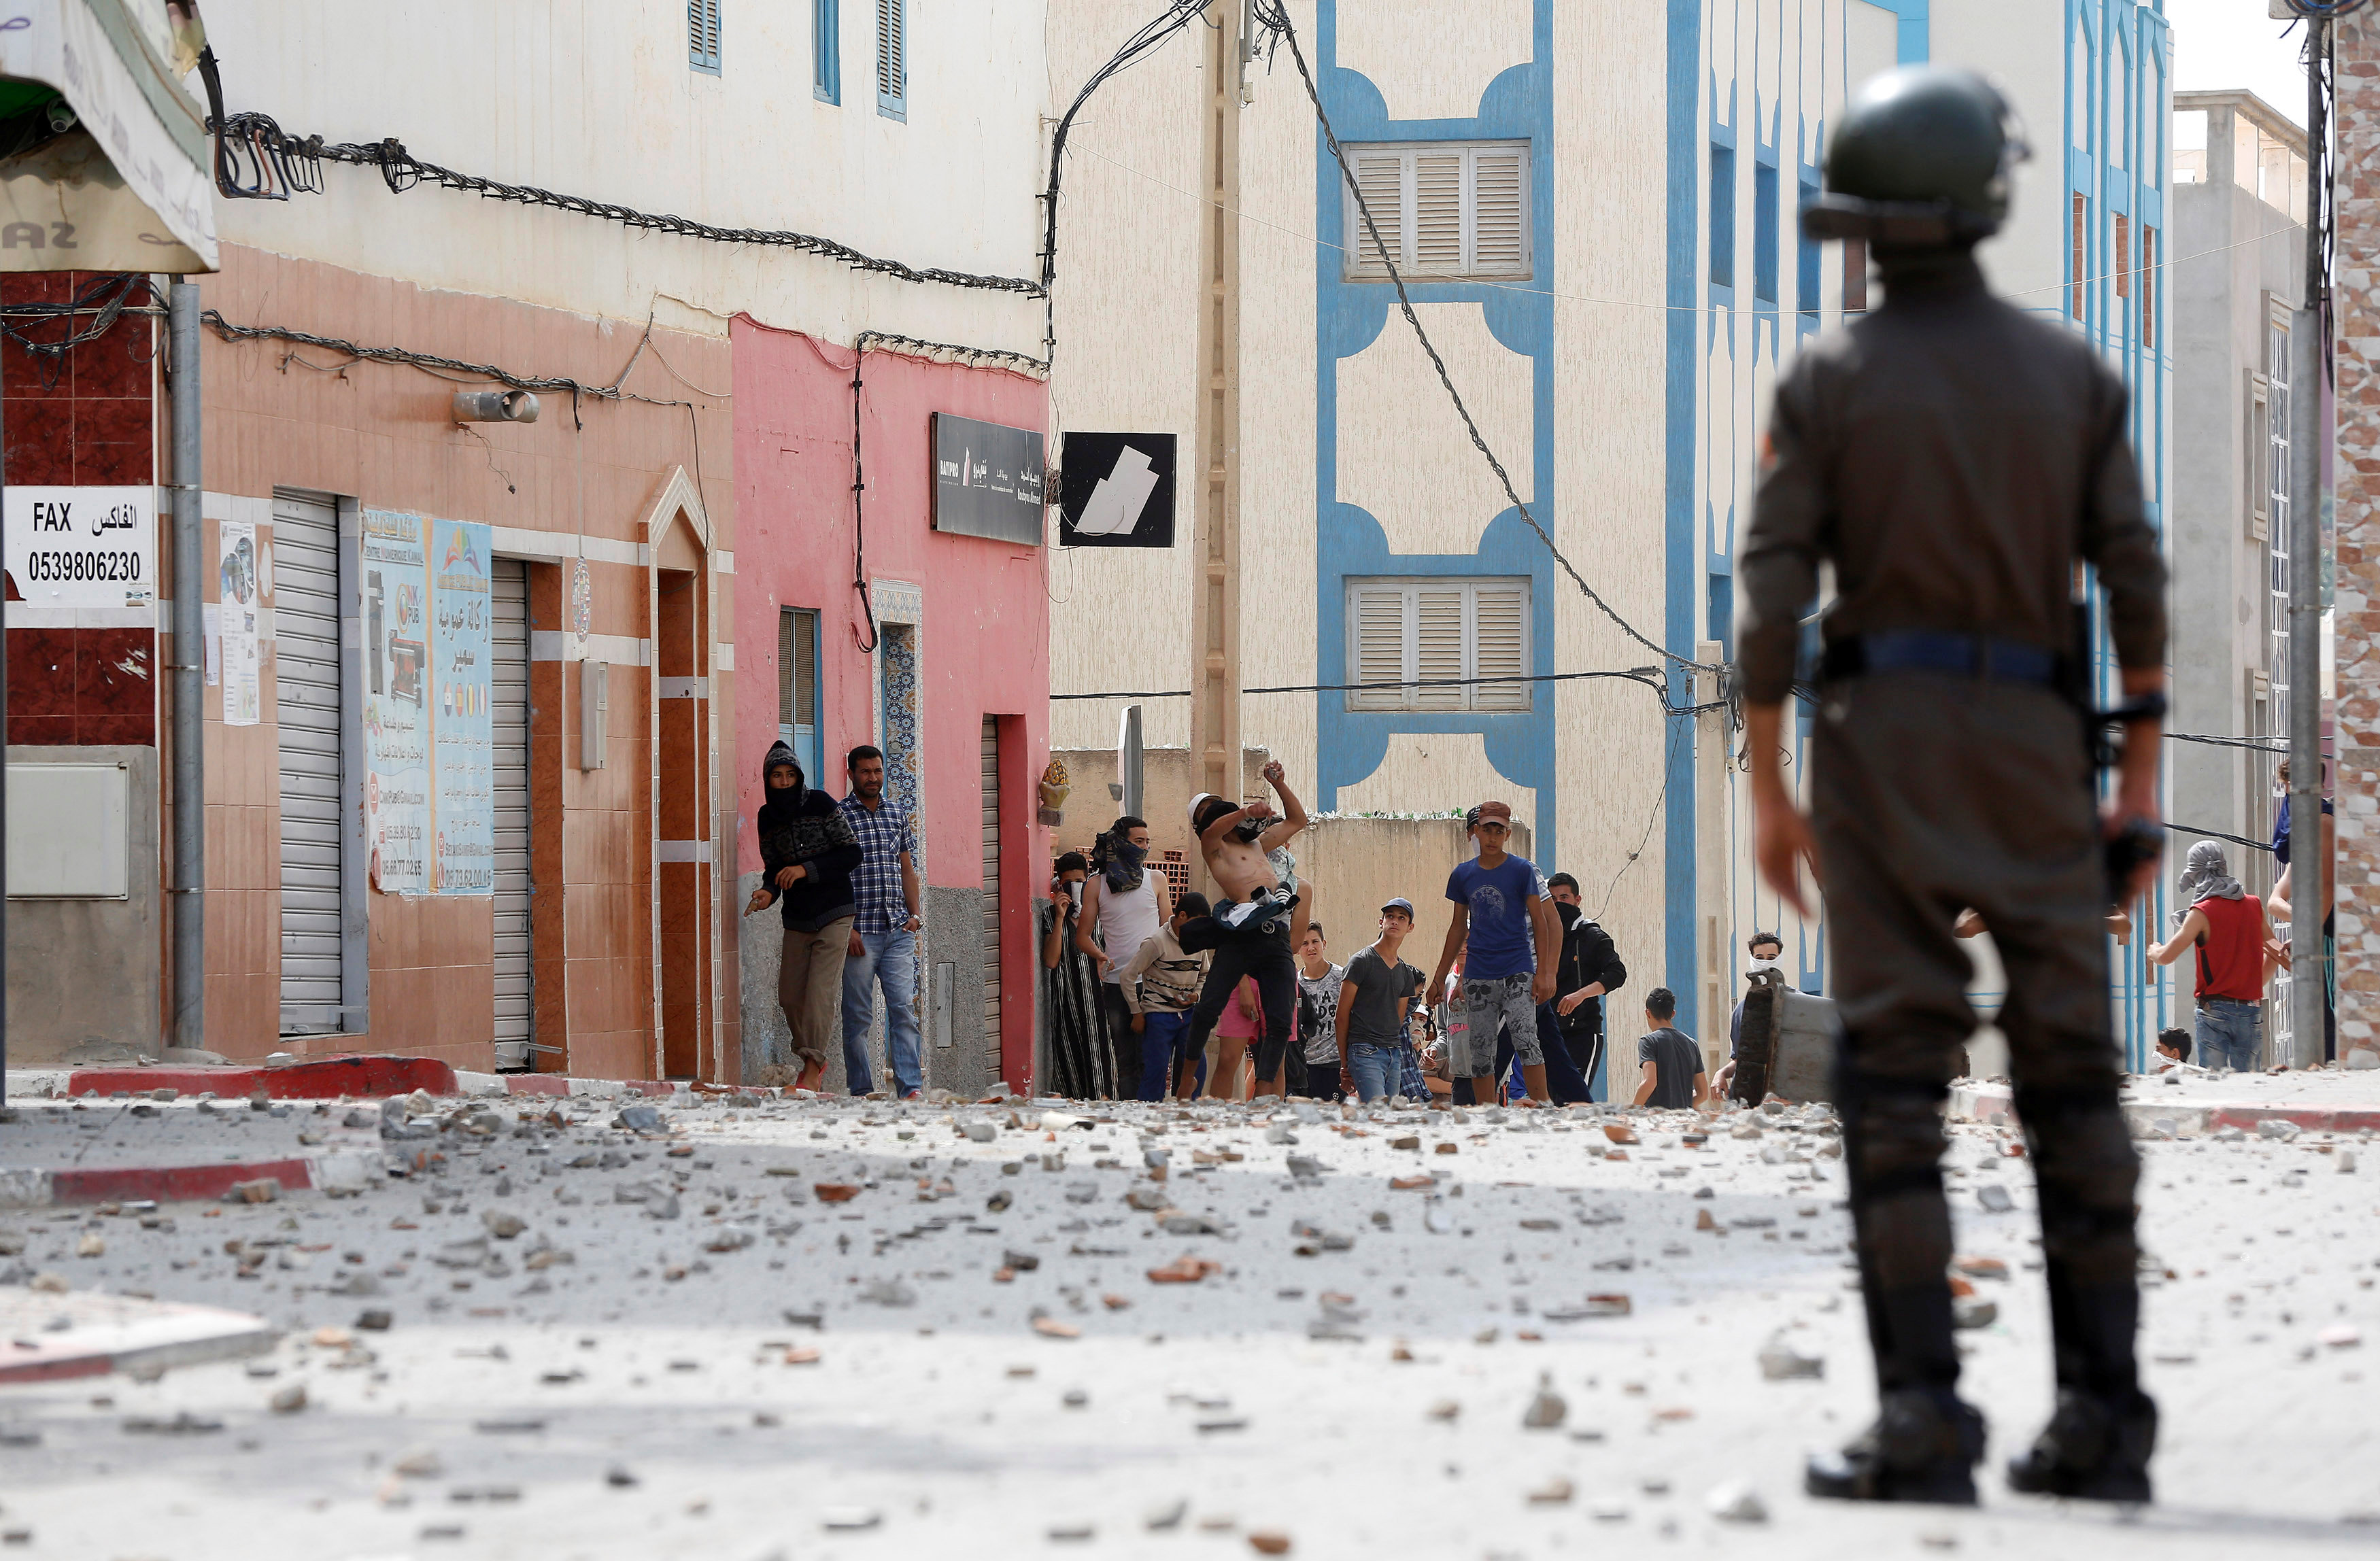 شرطى يواجه المتظاهرين فى المغرب